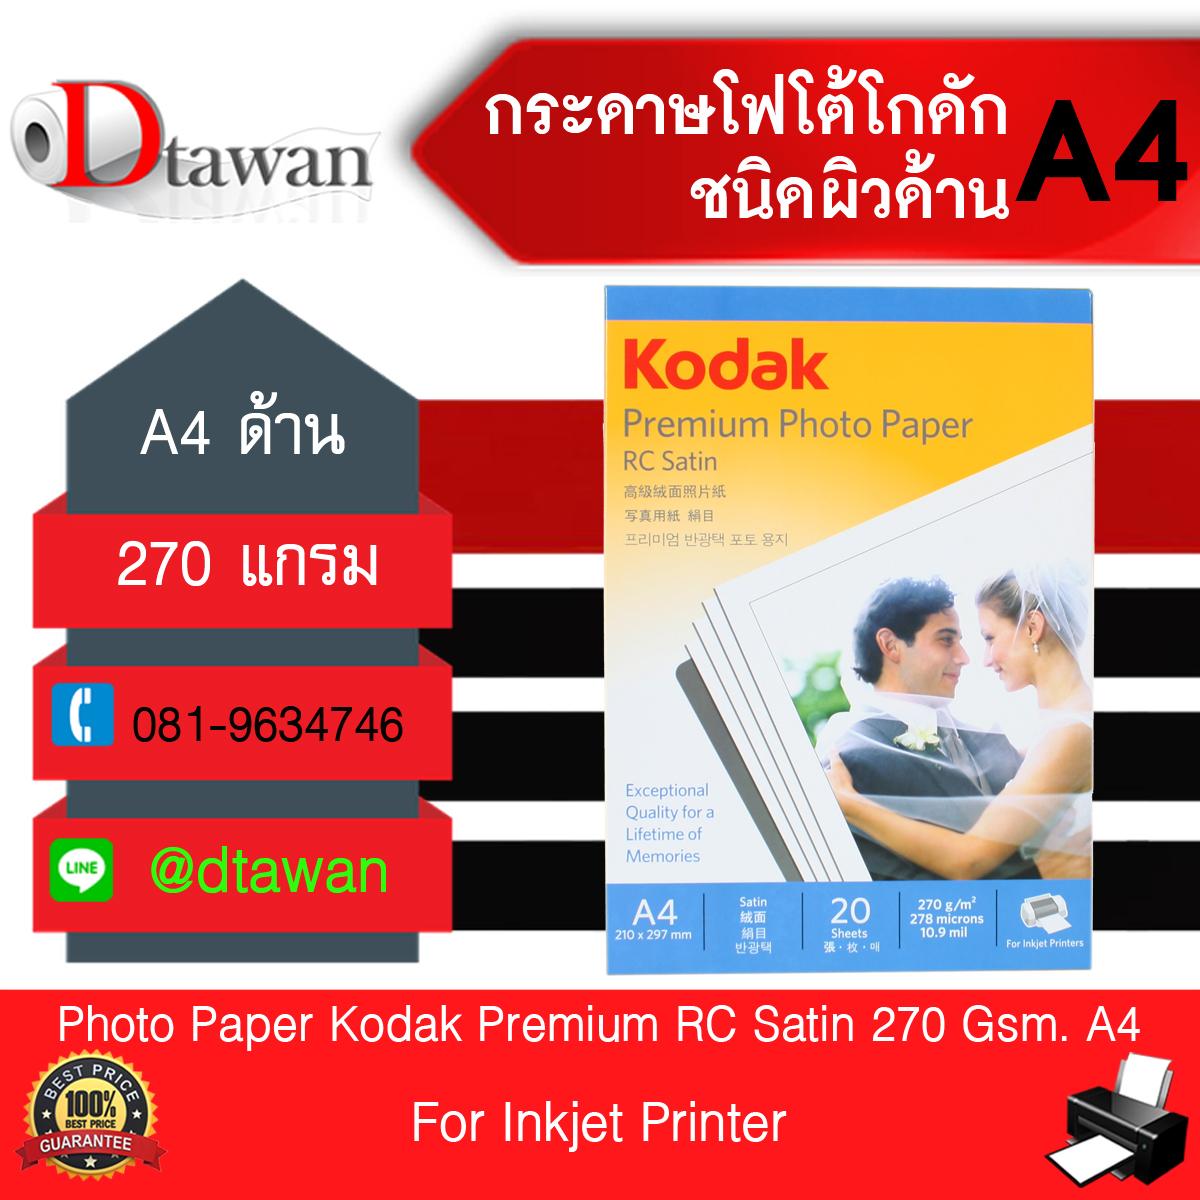 กระดาษโฟโต้โกดัก (Kodak) 270g ชนิดผิวด้าน ขนาด A4 สำหรับปริ้นรูปถ่าย และ โพลารอยด์